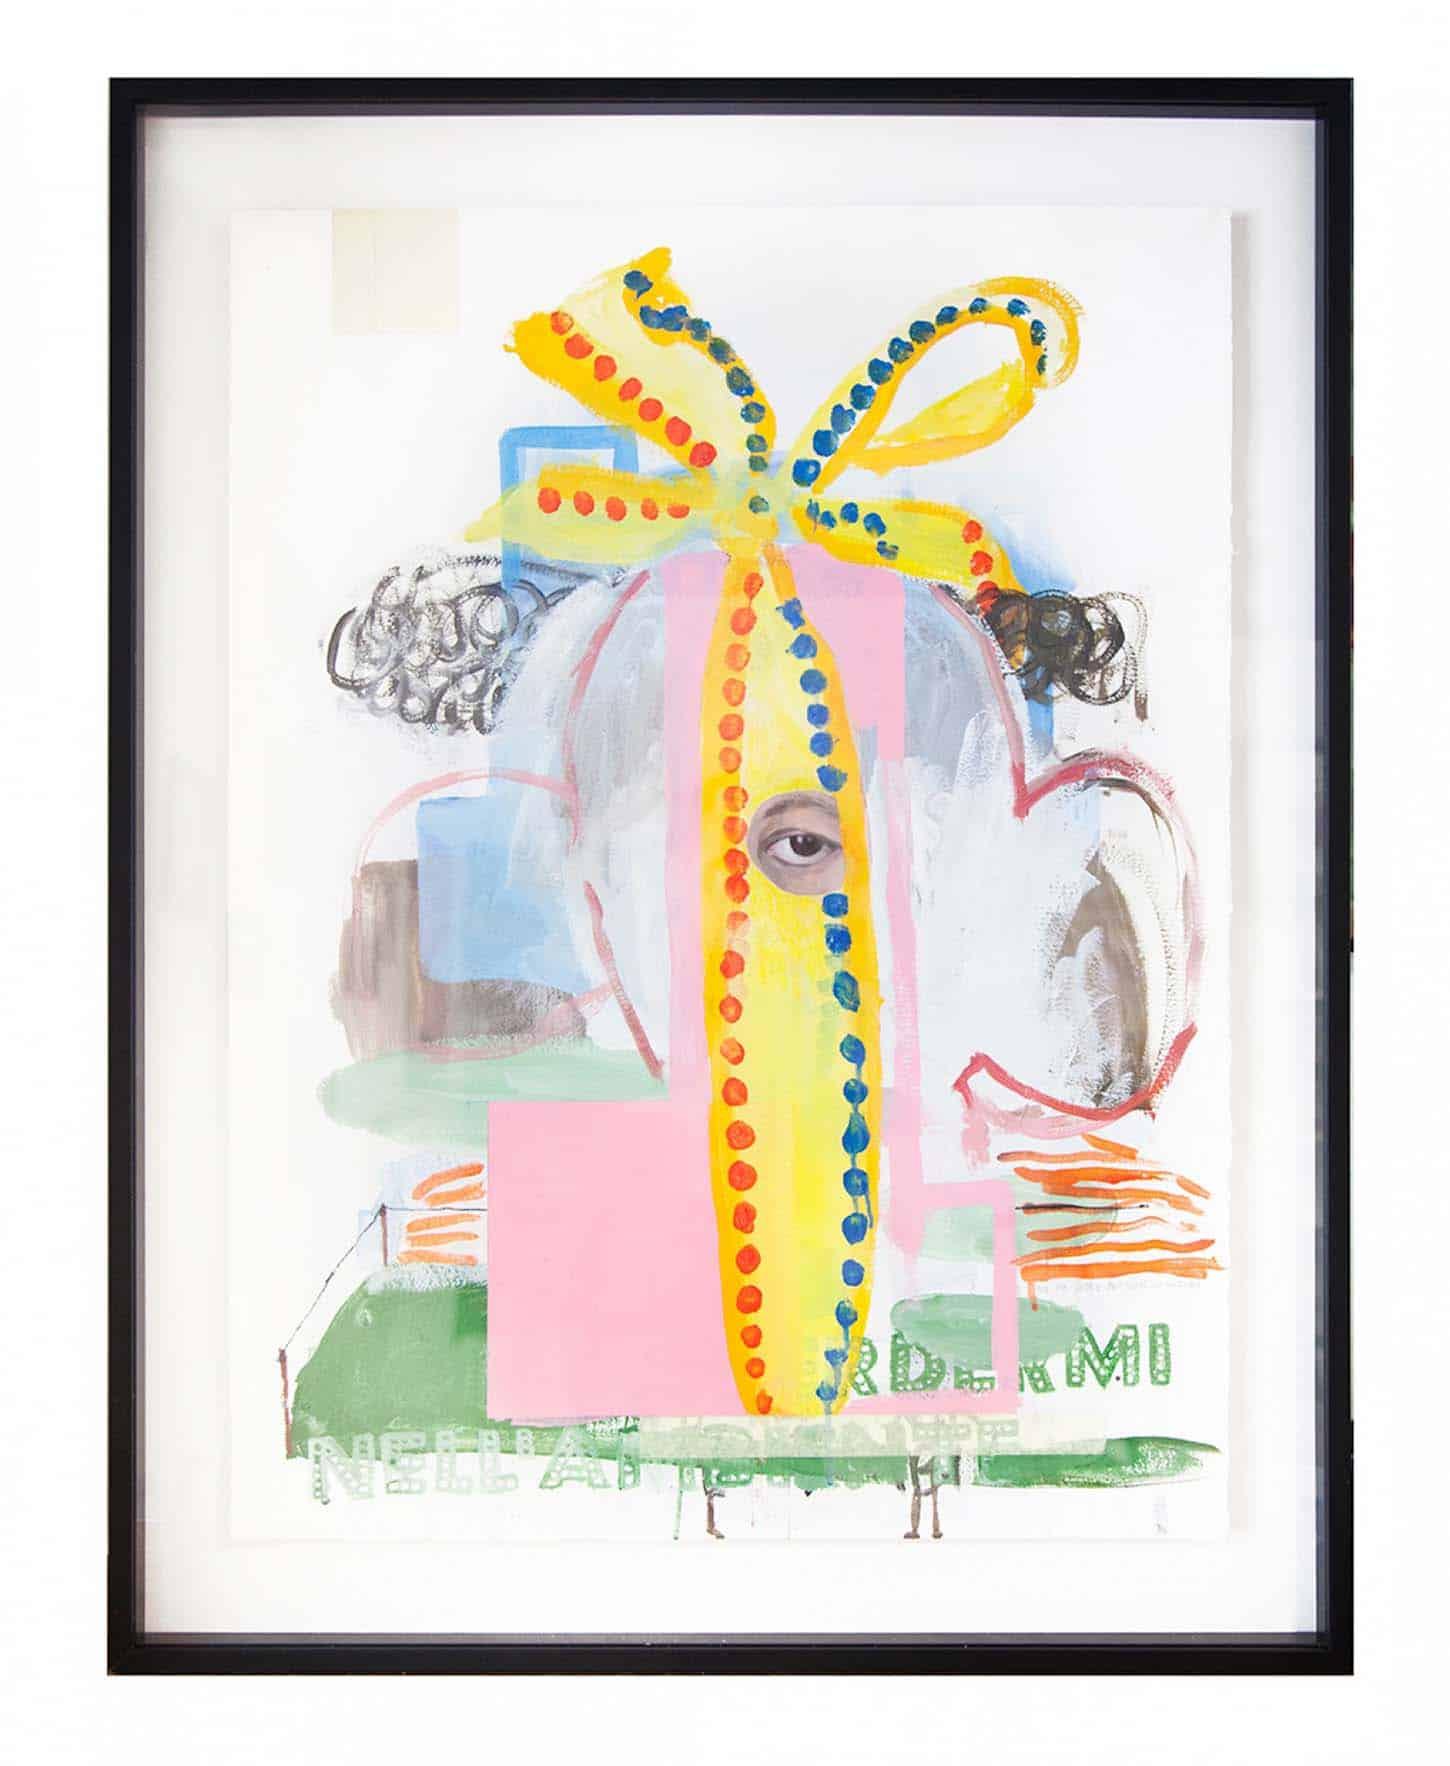 La galerie: La IIIe narine Thierry Lagalla, Ne me jetez pas dans la nature, mesclun sur papier, 80 x 60 cm, 2017